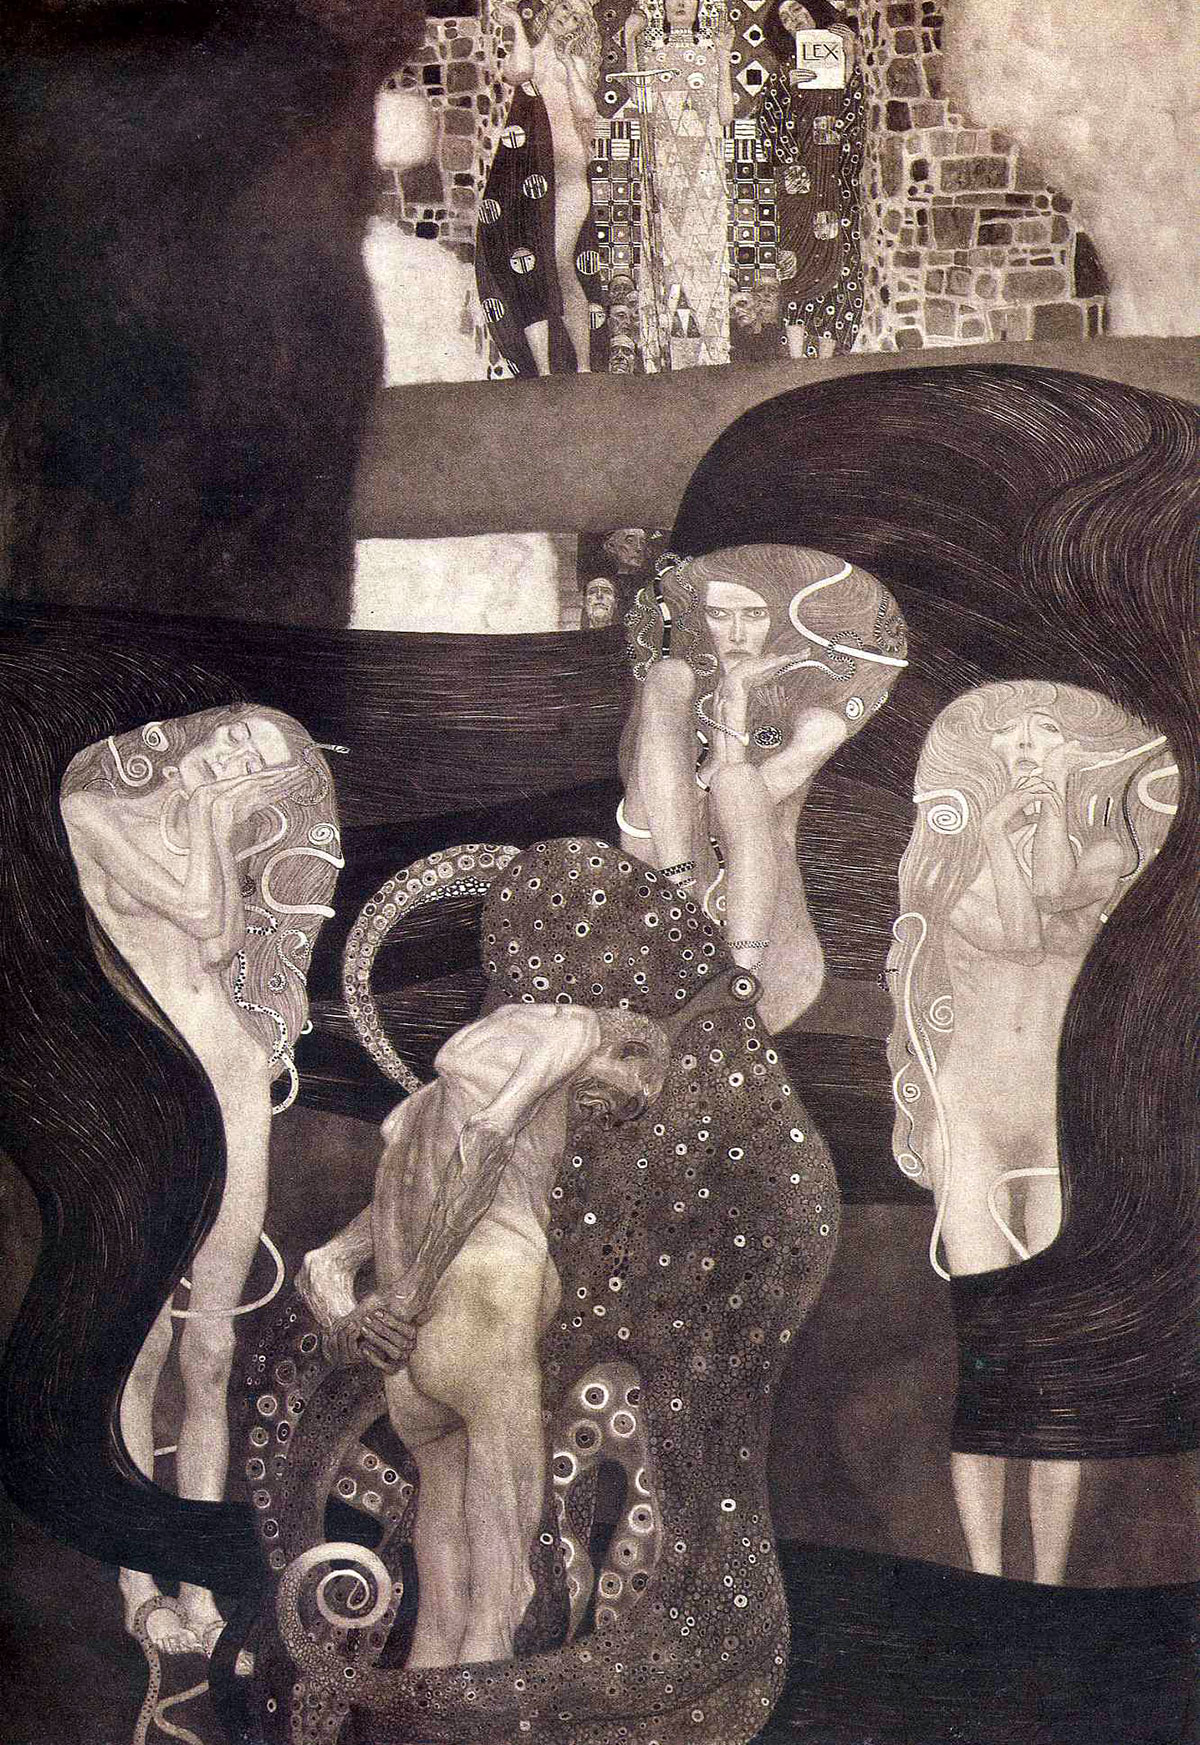 Quadri delle facoltà di Klimt: La Giurisprudenza fu realizzata nel periodo 1903-1907